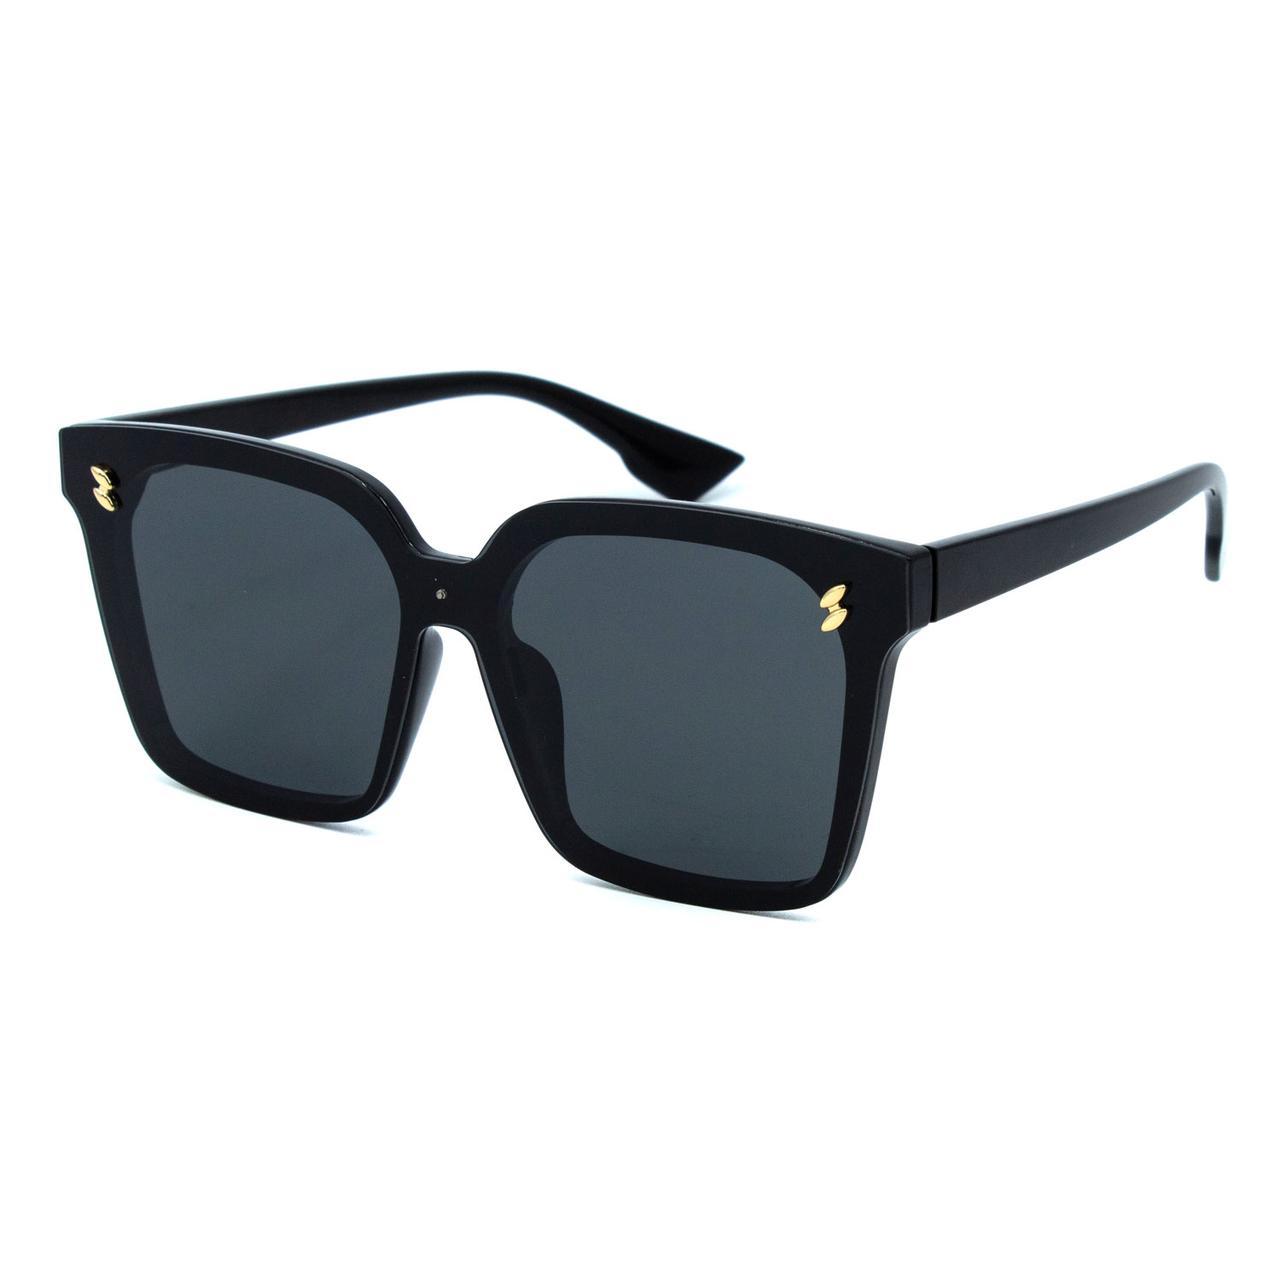 Солнцезащитные очки Marmilen TR-90 3974S C1 черные    ( 3974S-01 )